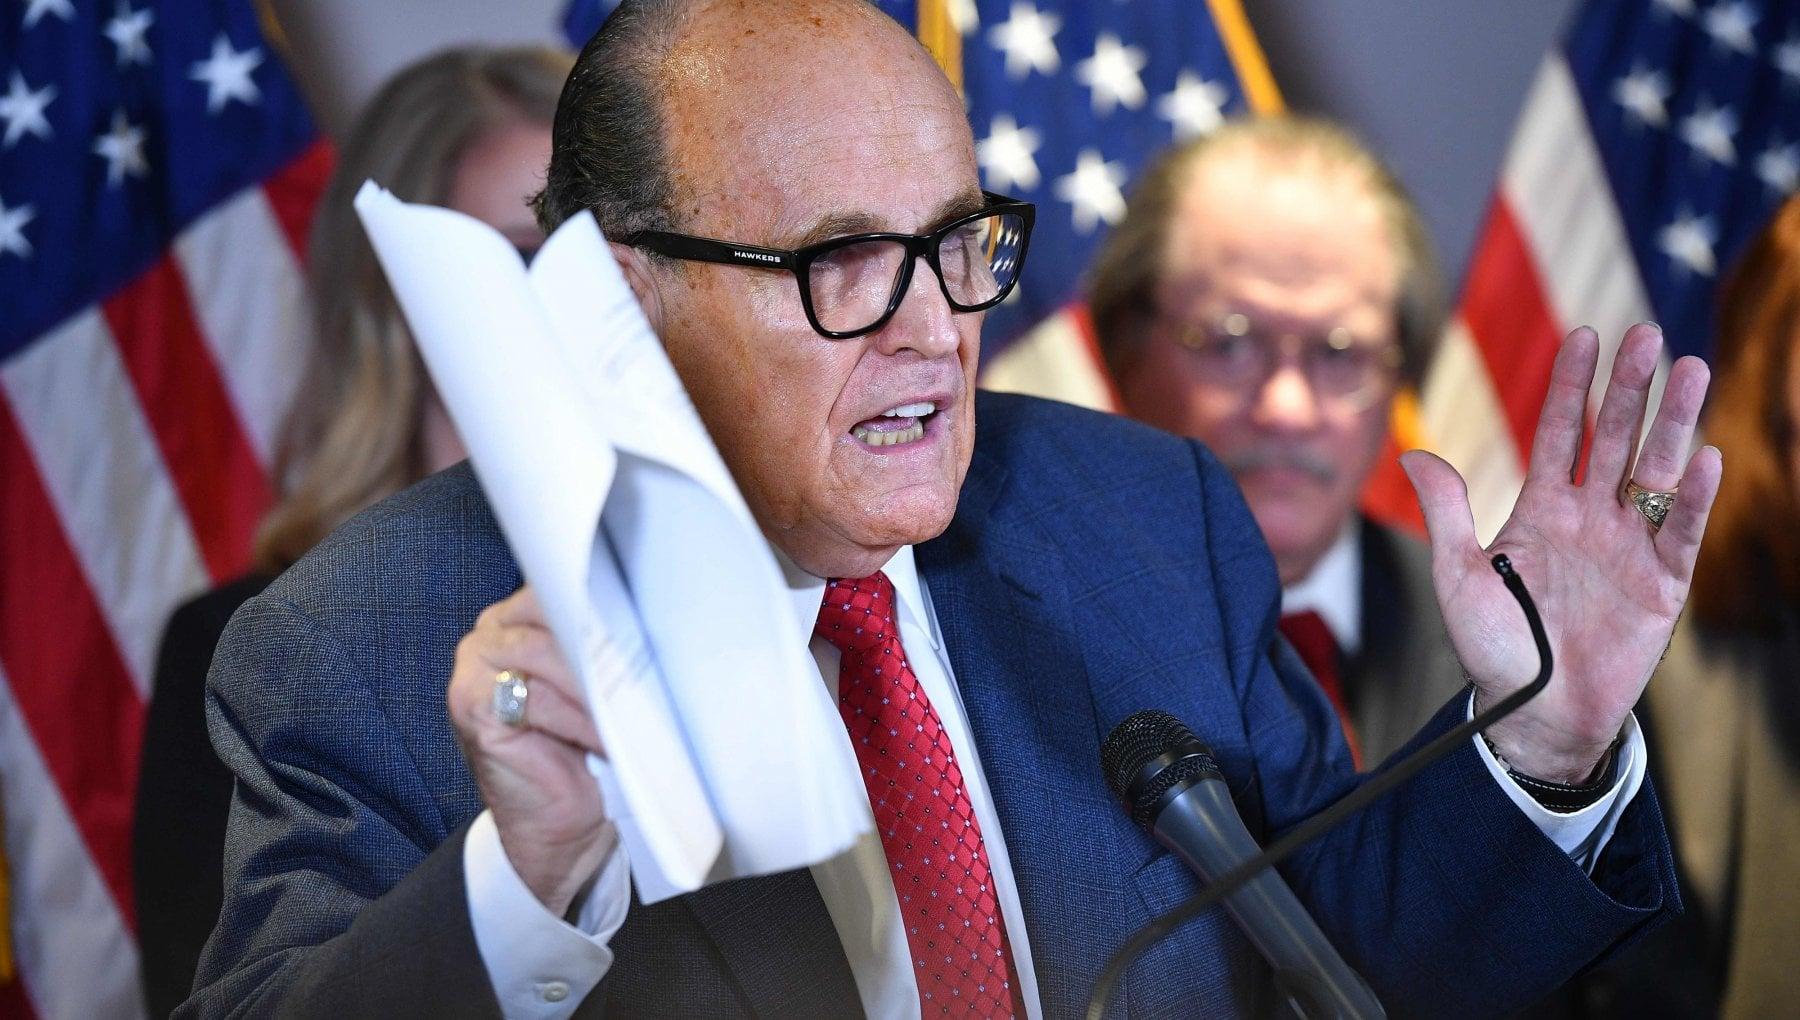 Stati Uniti la denuncia di Giuliani Biden ha organizzato in anticipo i brogli elettorali